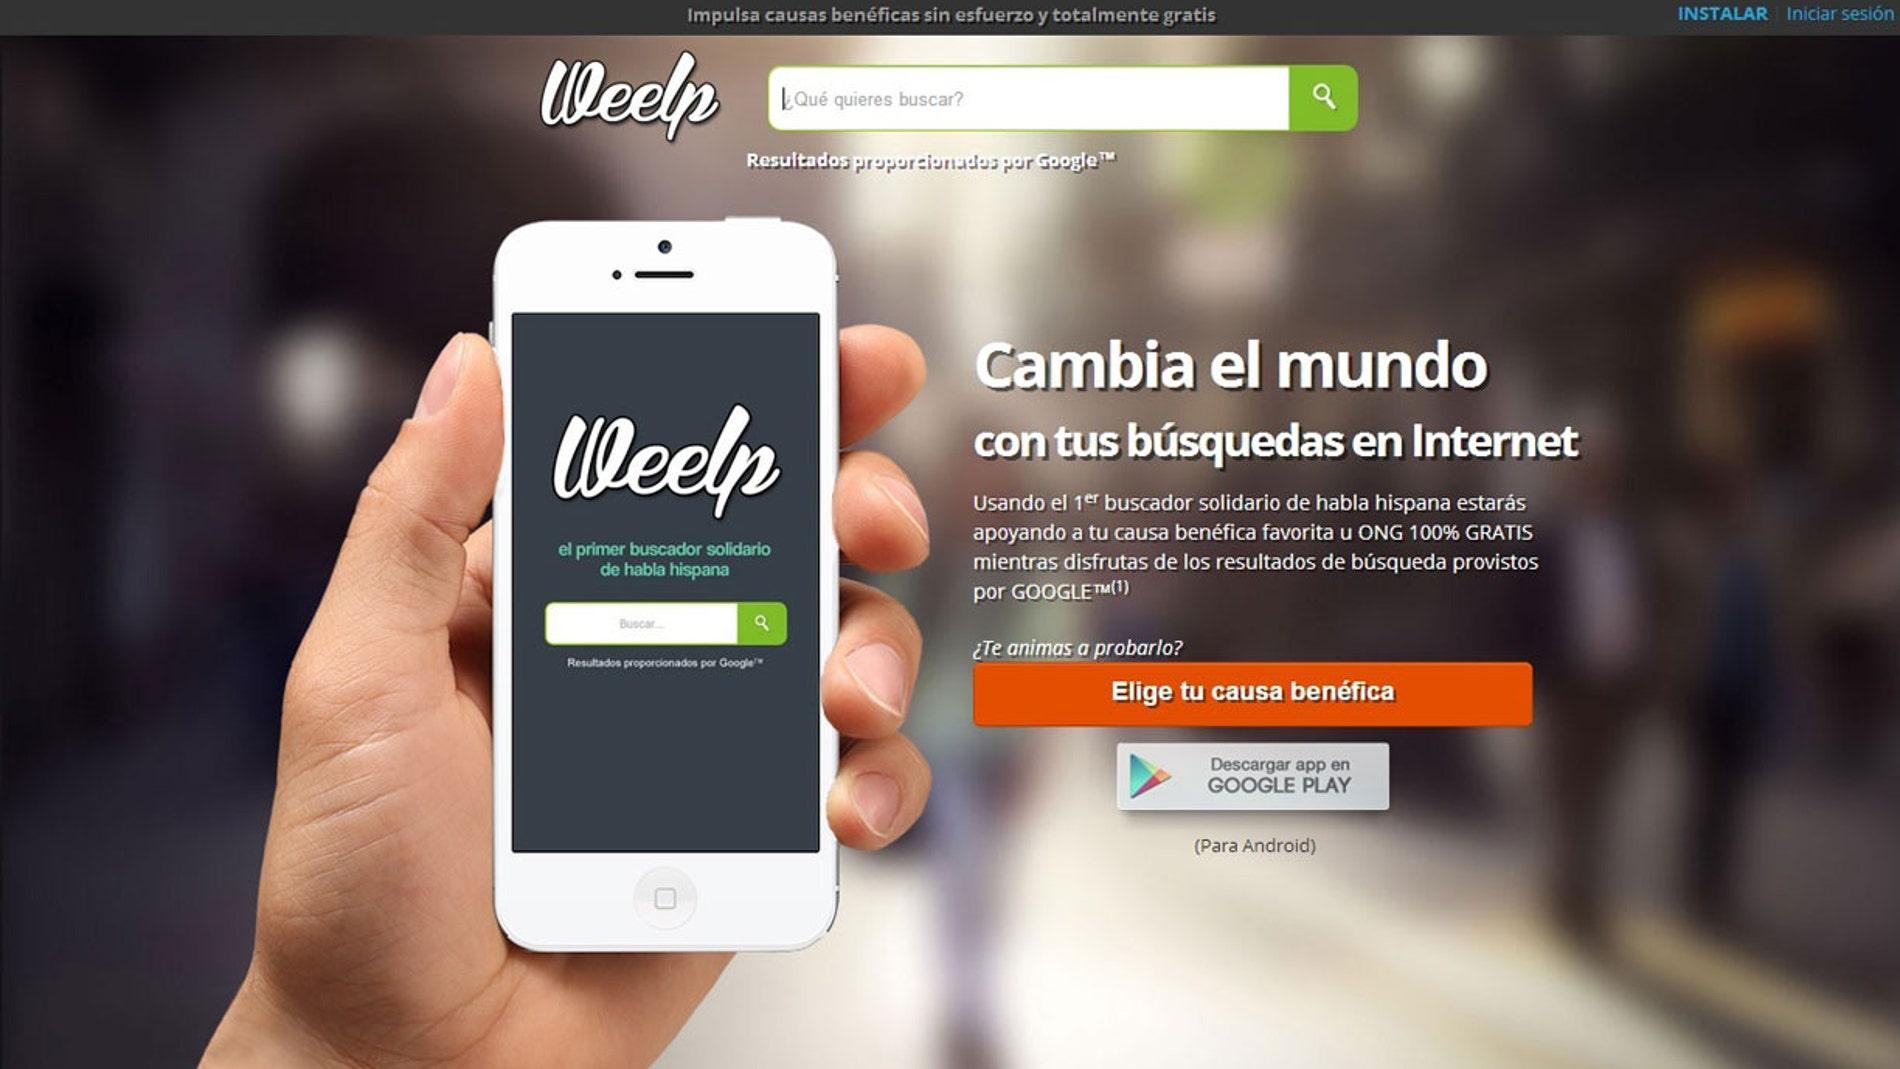 Weelp, el buscador solidario